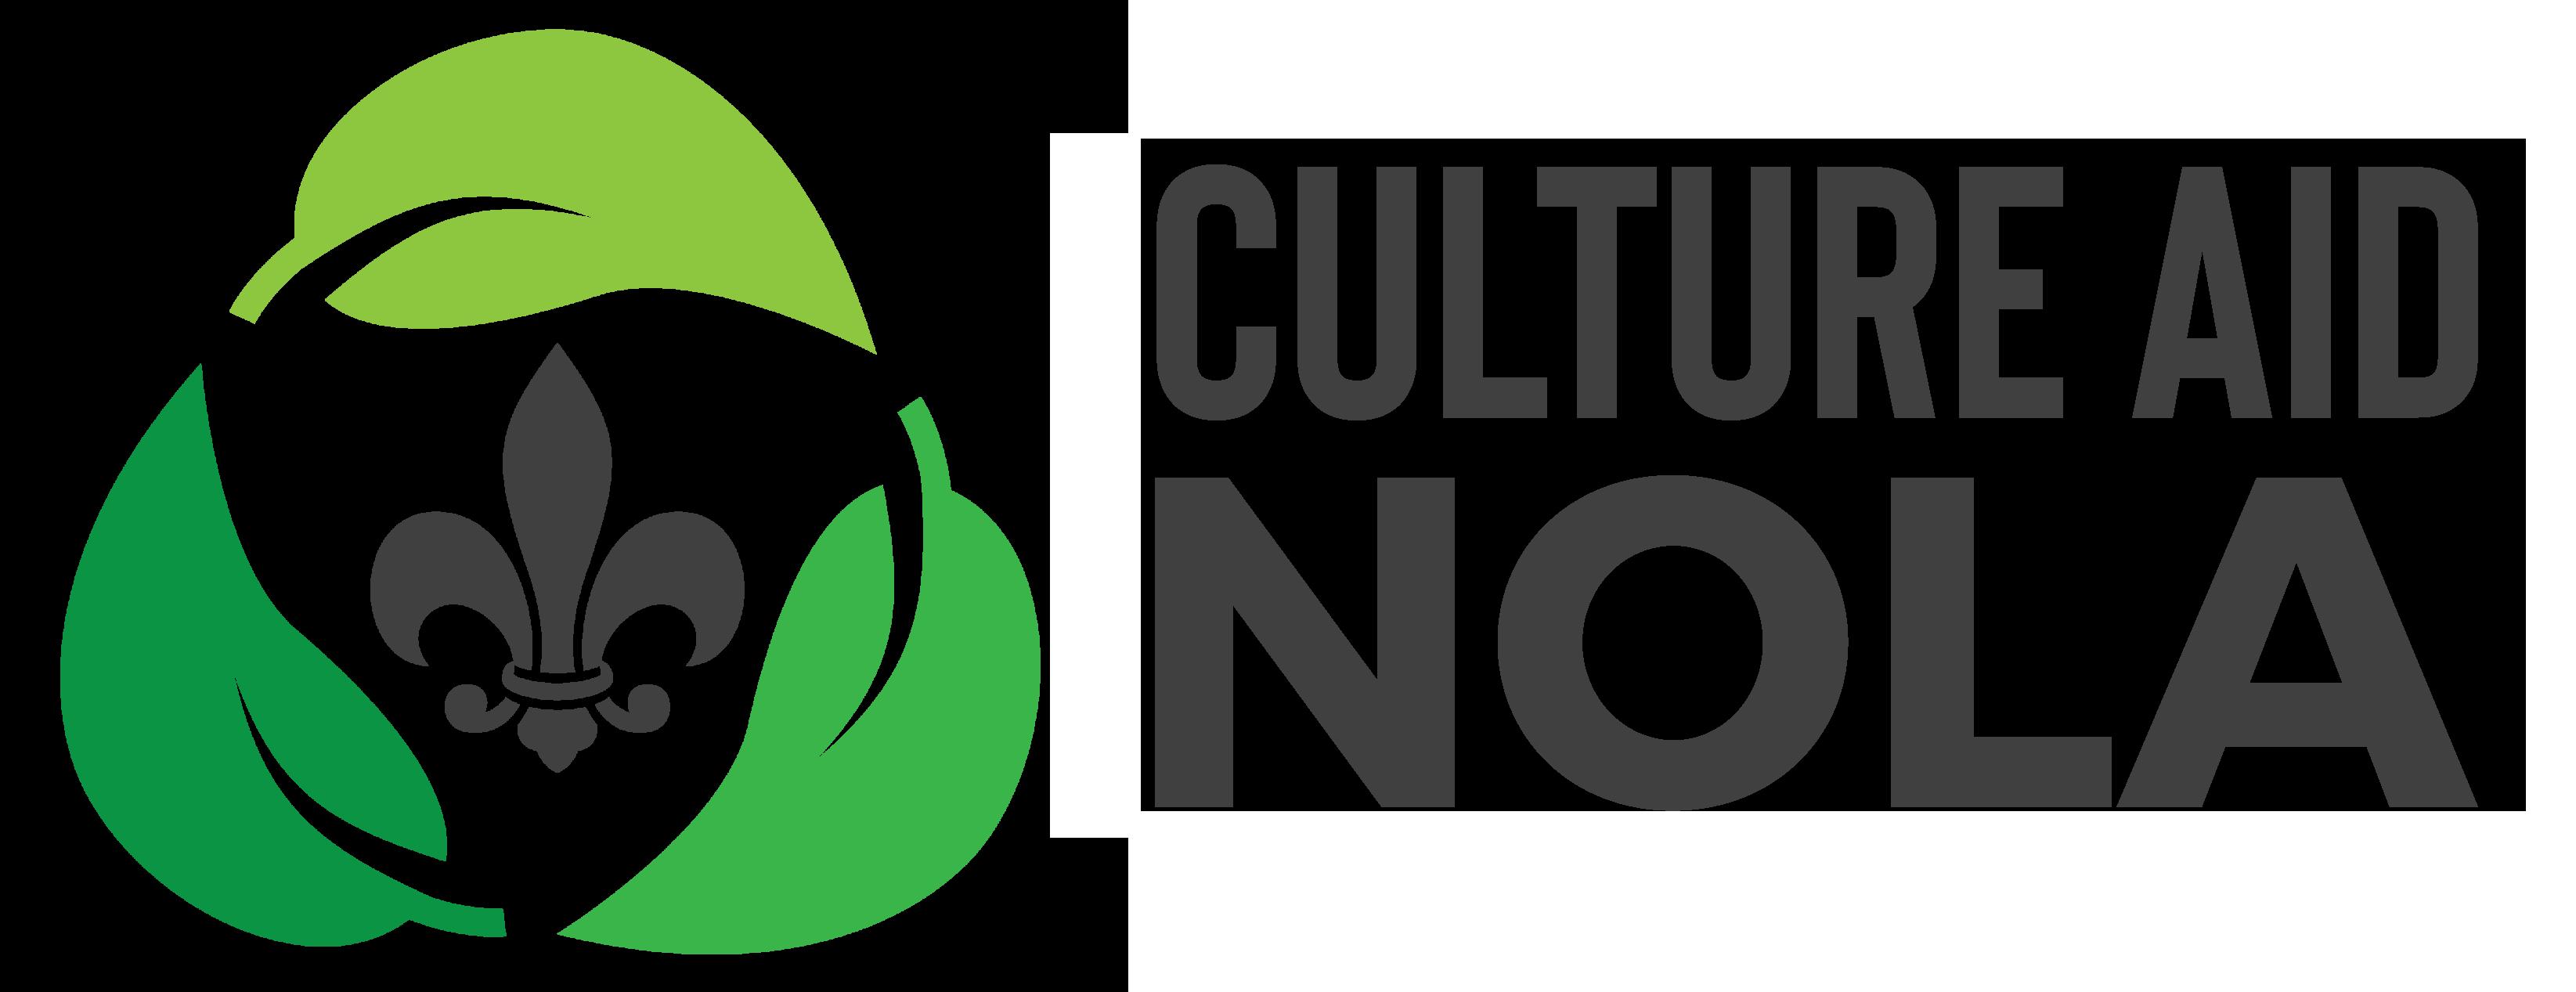 Culture Aid NOLA